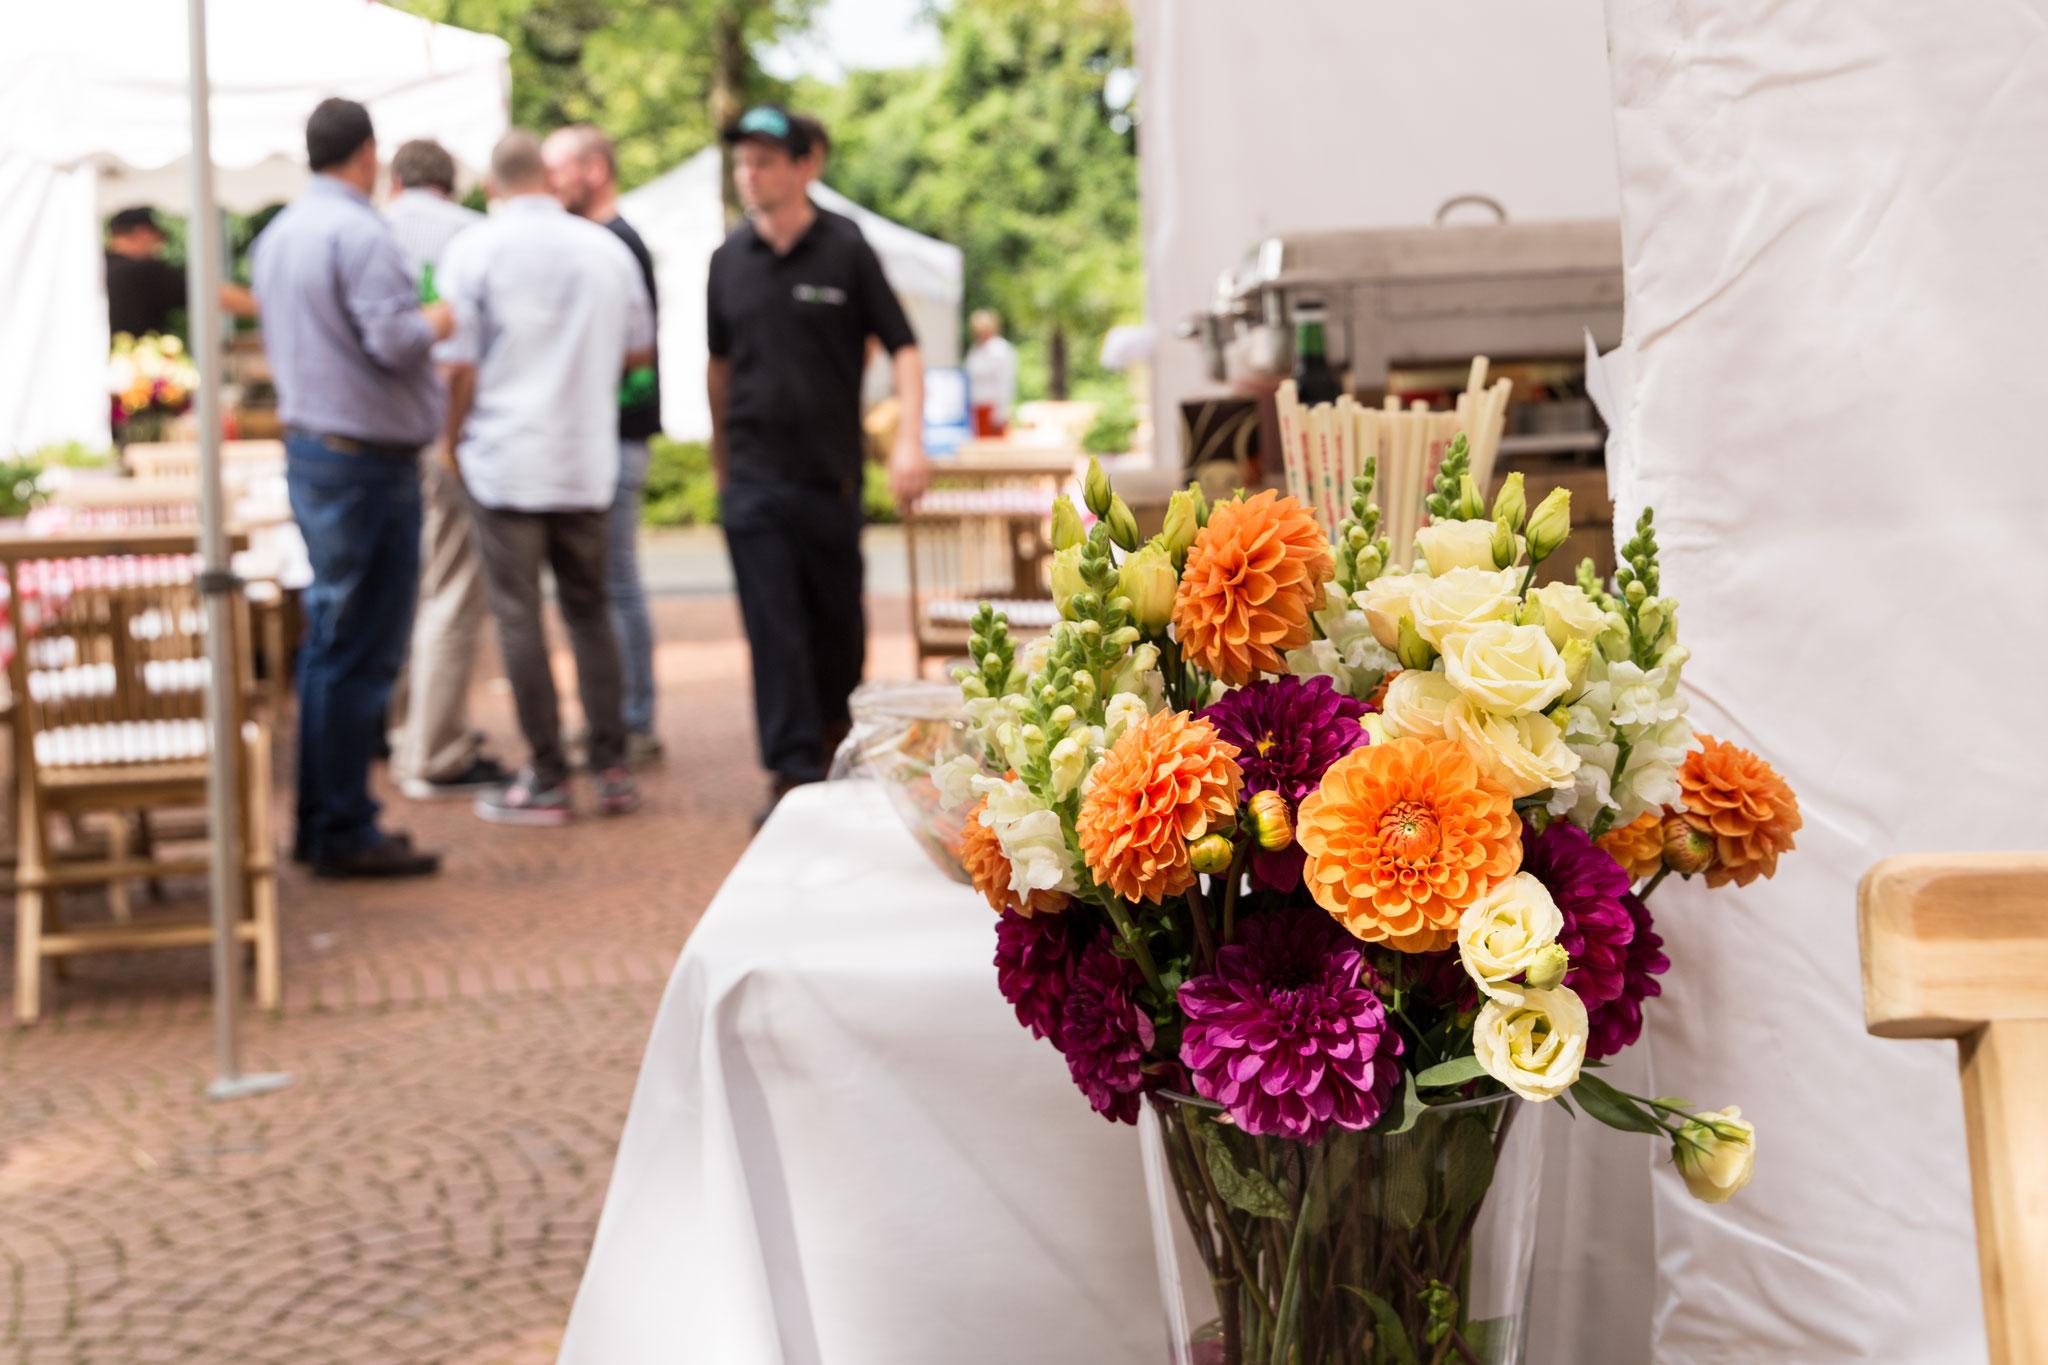 Tolle Blumen gehören auf jede Veranstaltung!